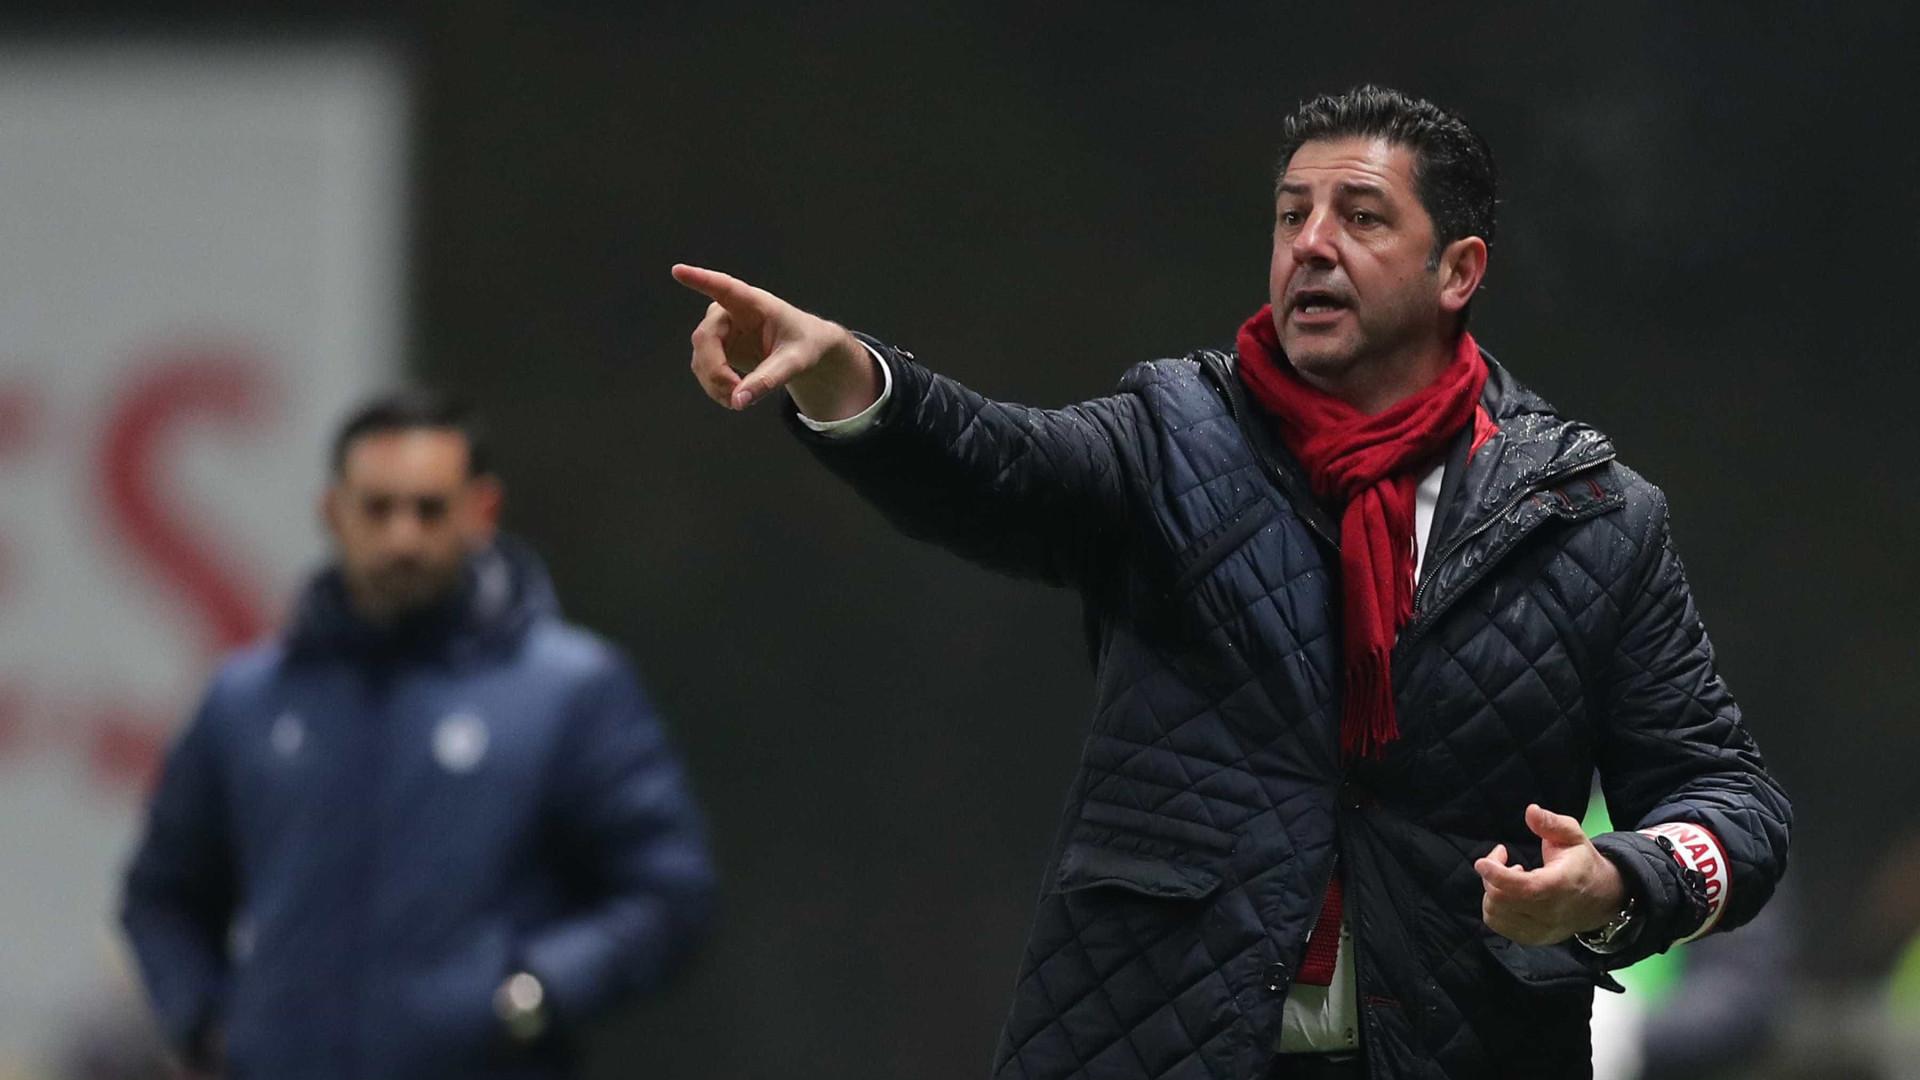 Jogo intenso termina com triunfo do Benfica sobre o SC Braga